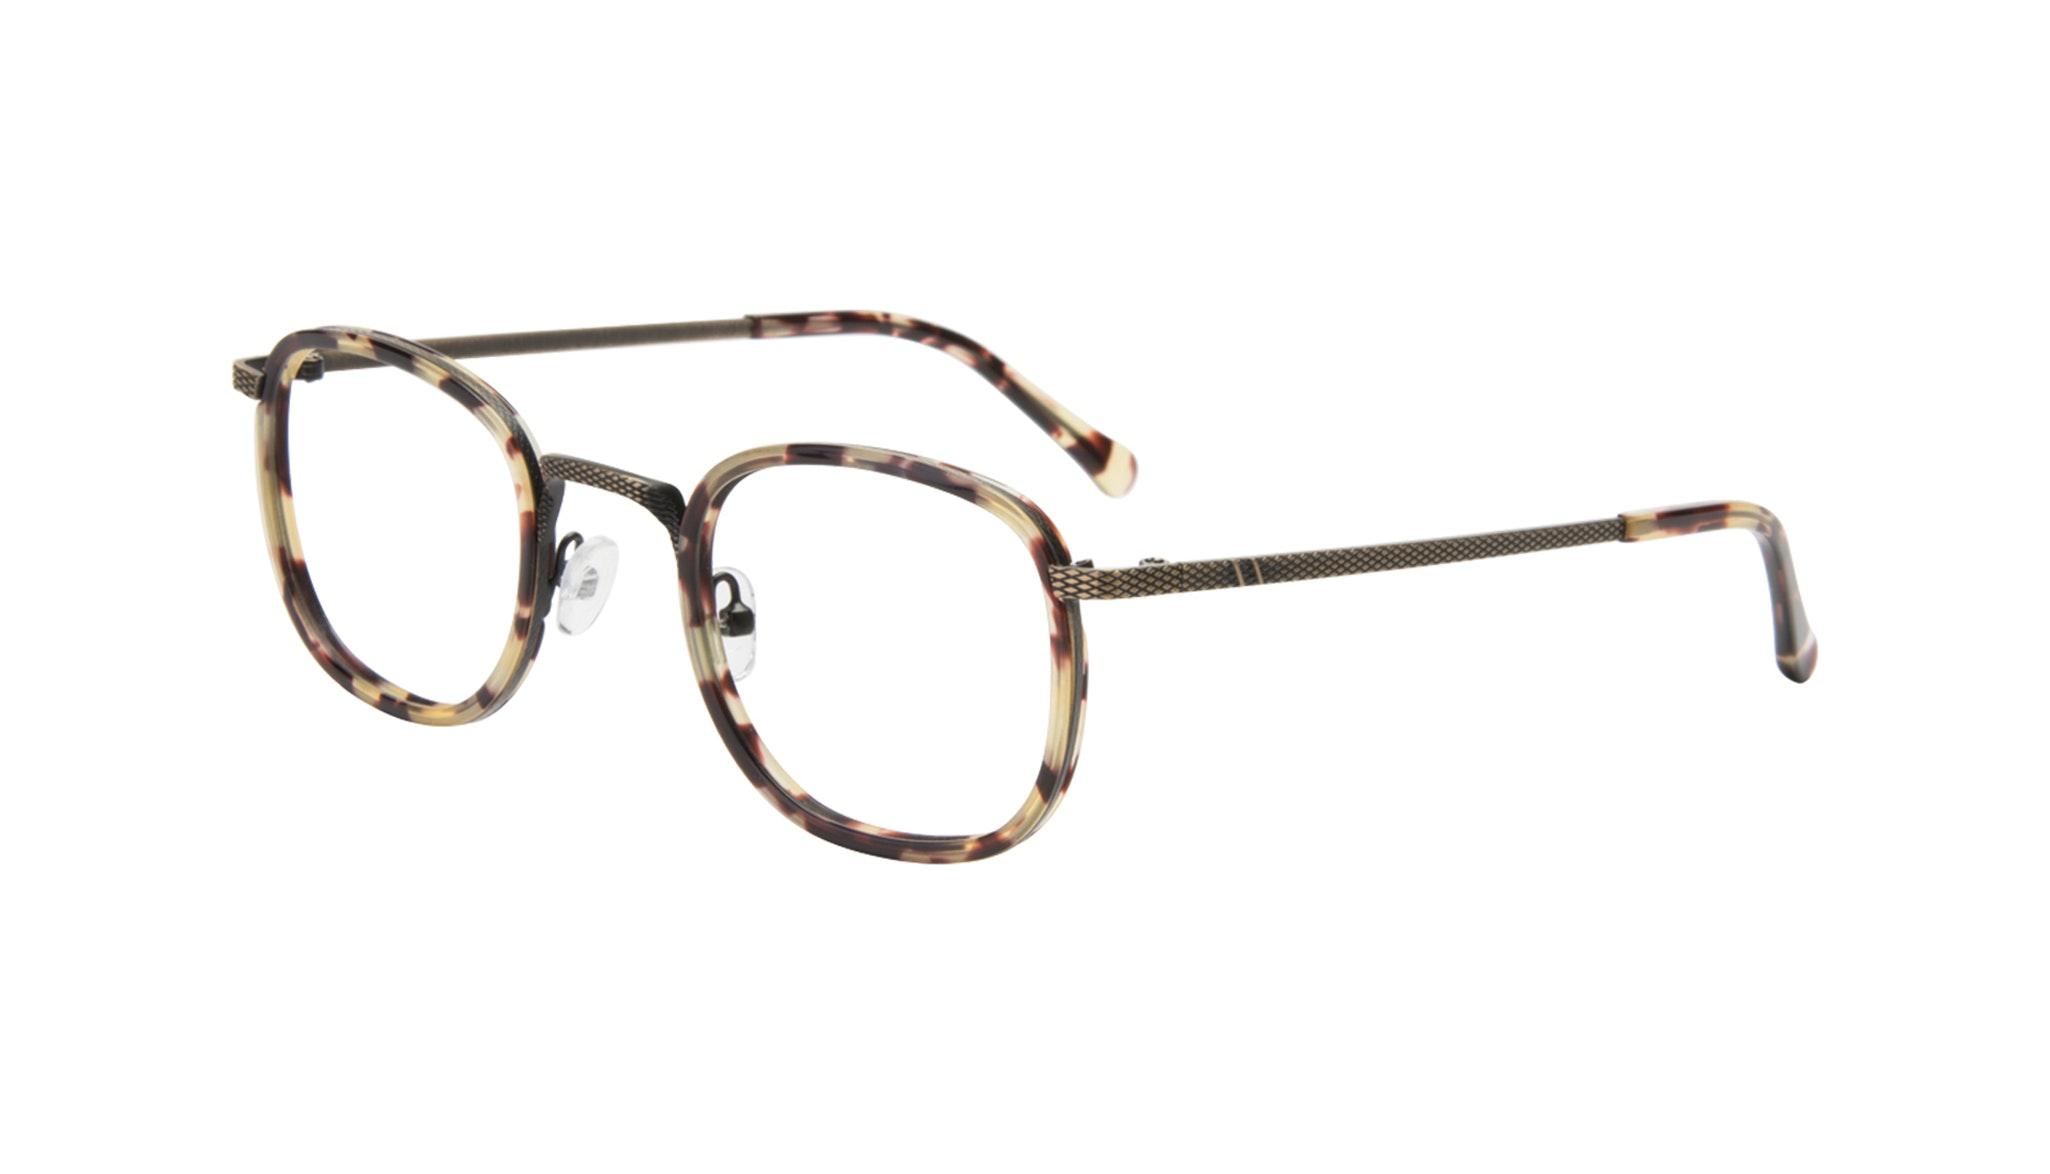 Affordable Fashion Glasses Square Eyeglasses Men Swell Antique Tort Tilt